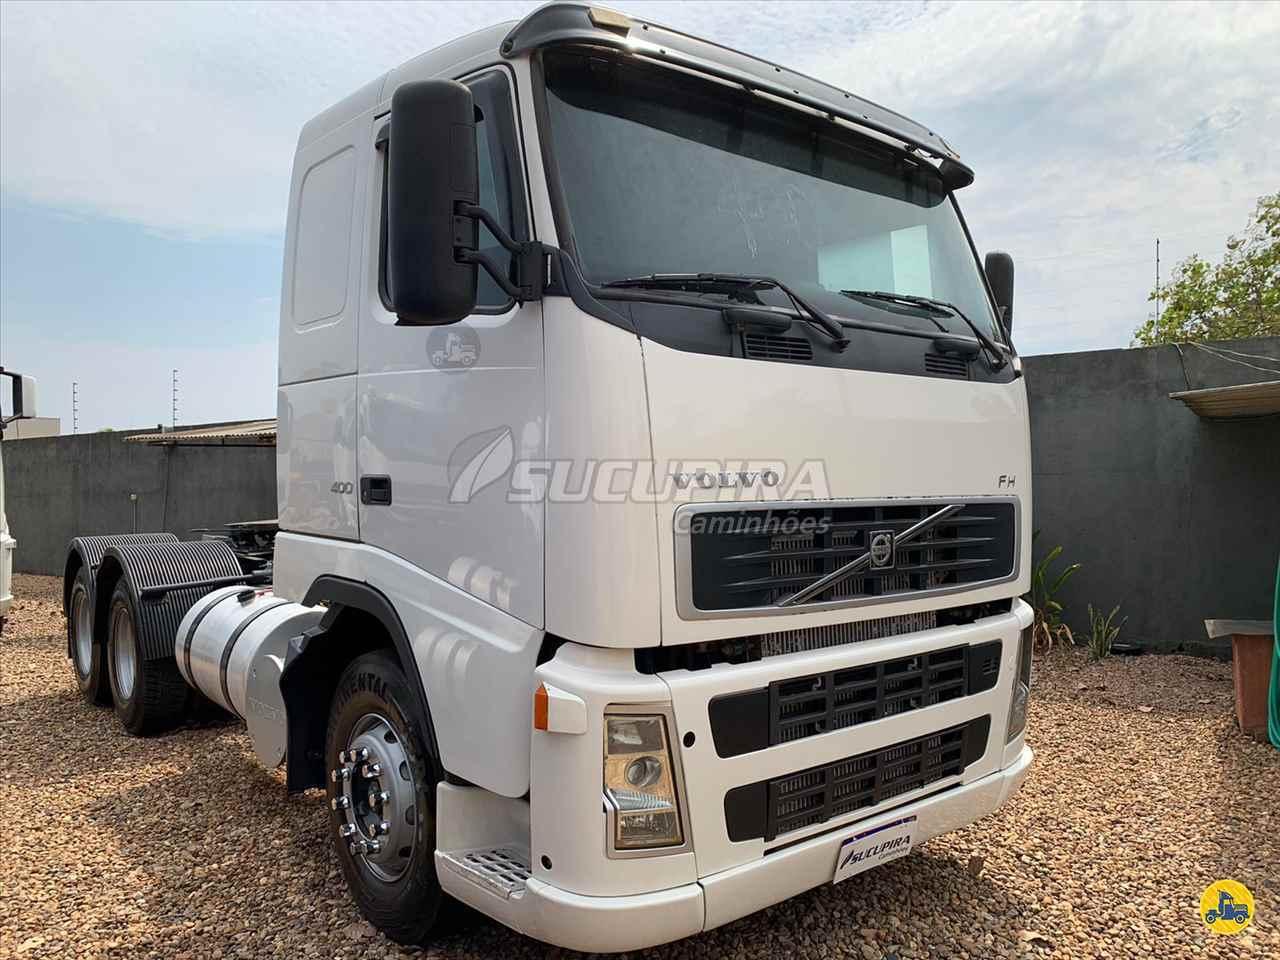 CAMINHAO VOLVO VOLVO FH 400 Cavalo Mecânico Truck 6x2 Sucupira Caminhões RONDONOPOLIS MATO GROSSO MT